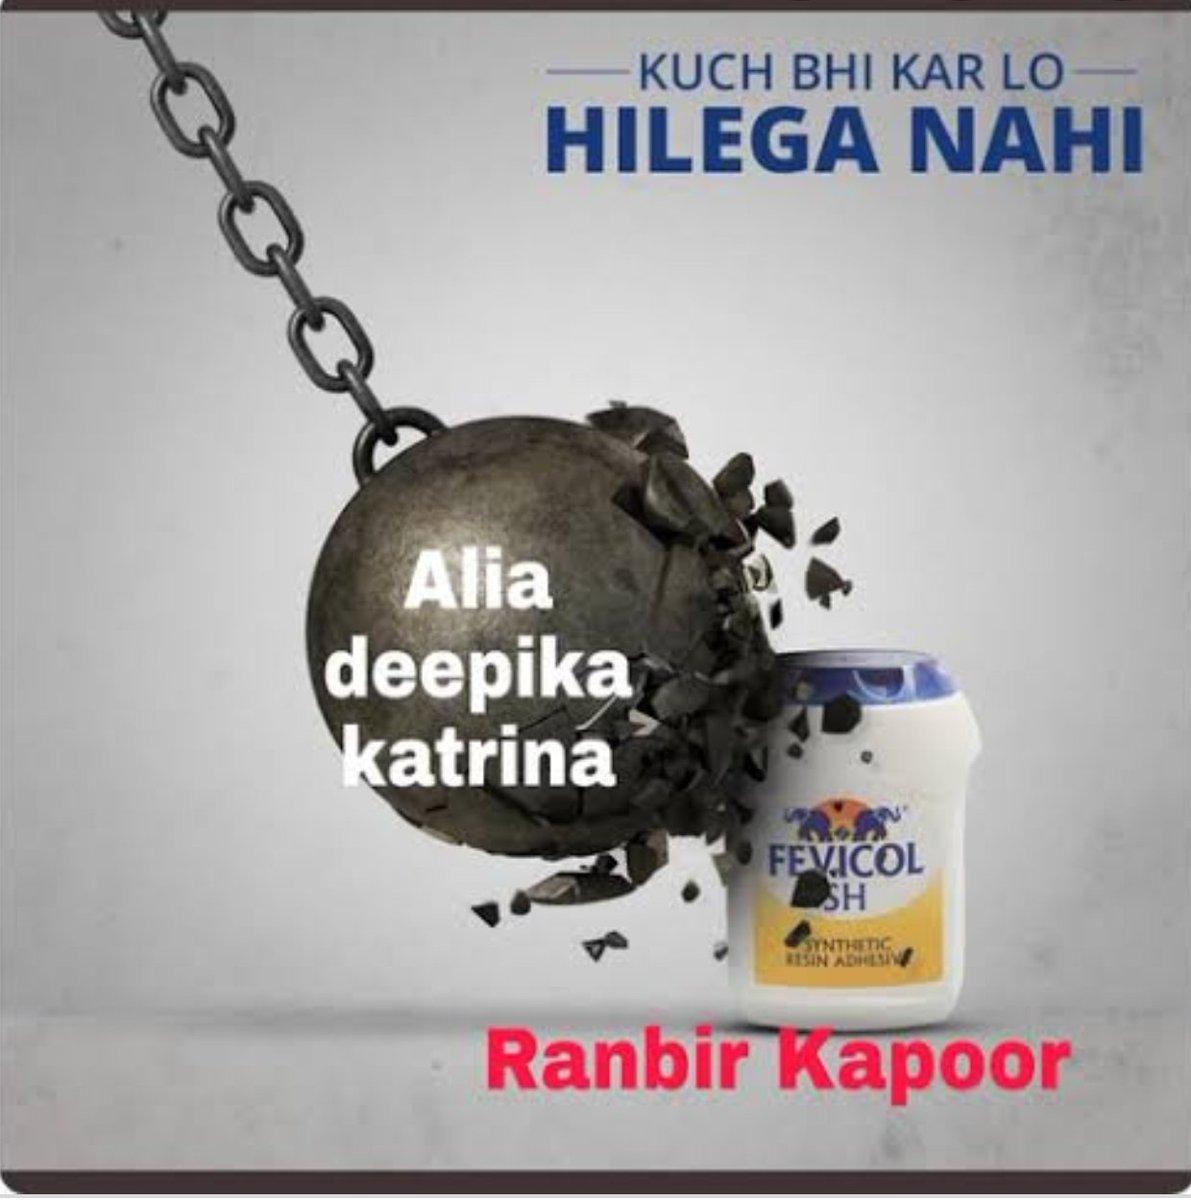 #RanbirKapoor be like 😂😂😂#MyFevicolAd  @StuckByFevicol